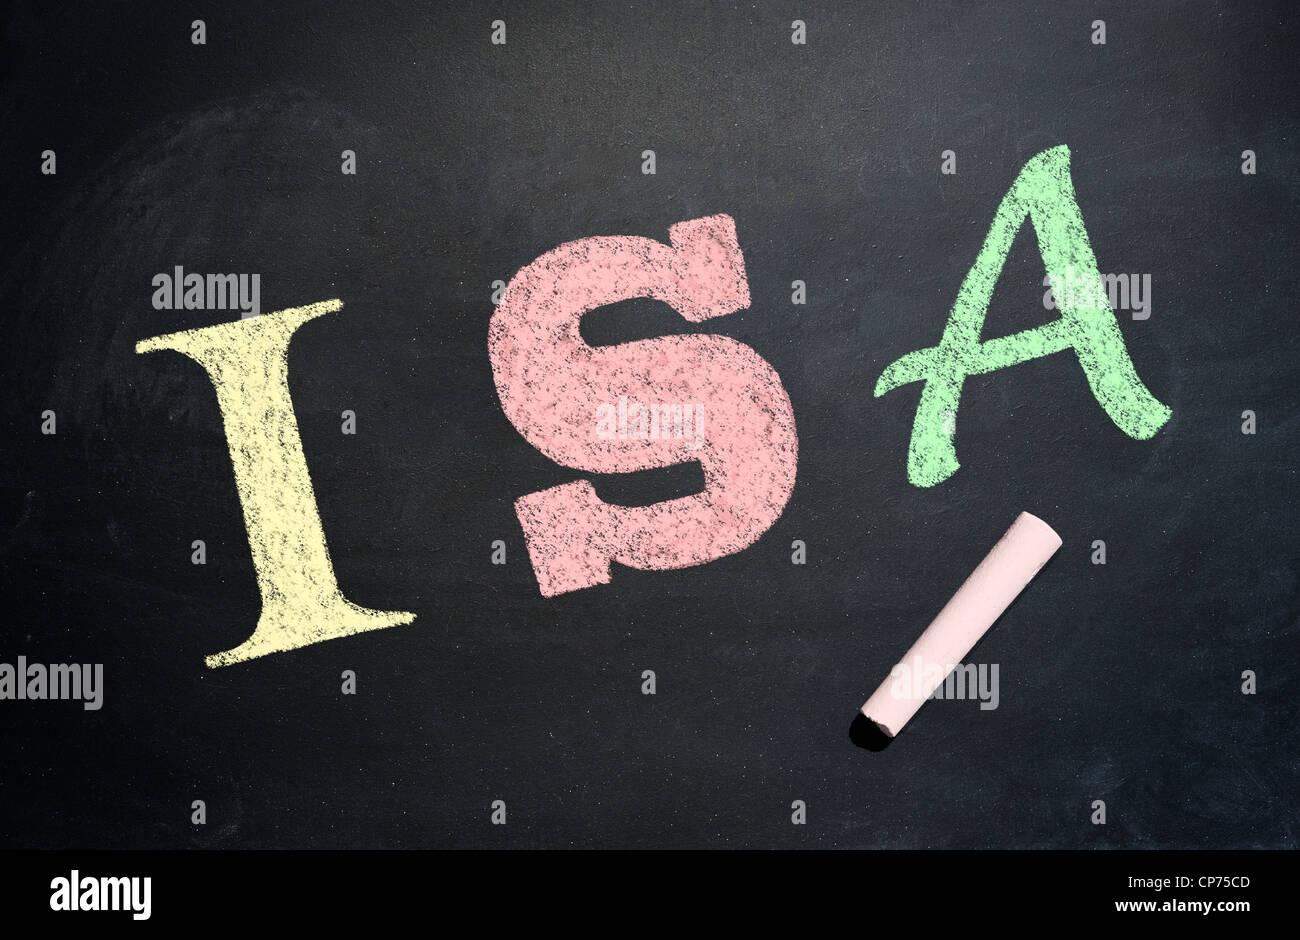 ISA written in chalk on a blackboard - Stock Image